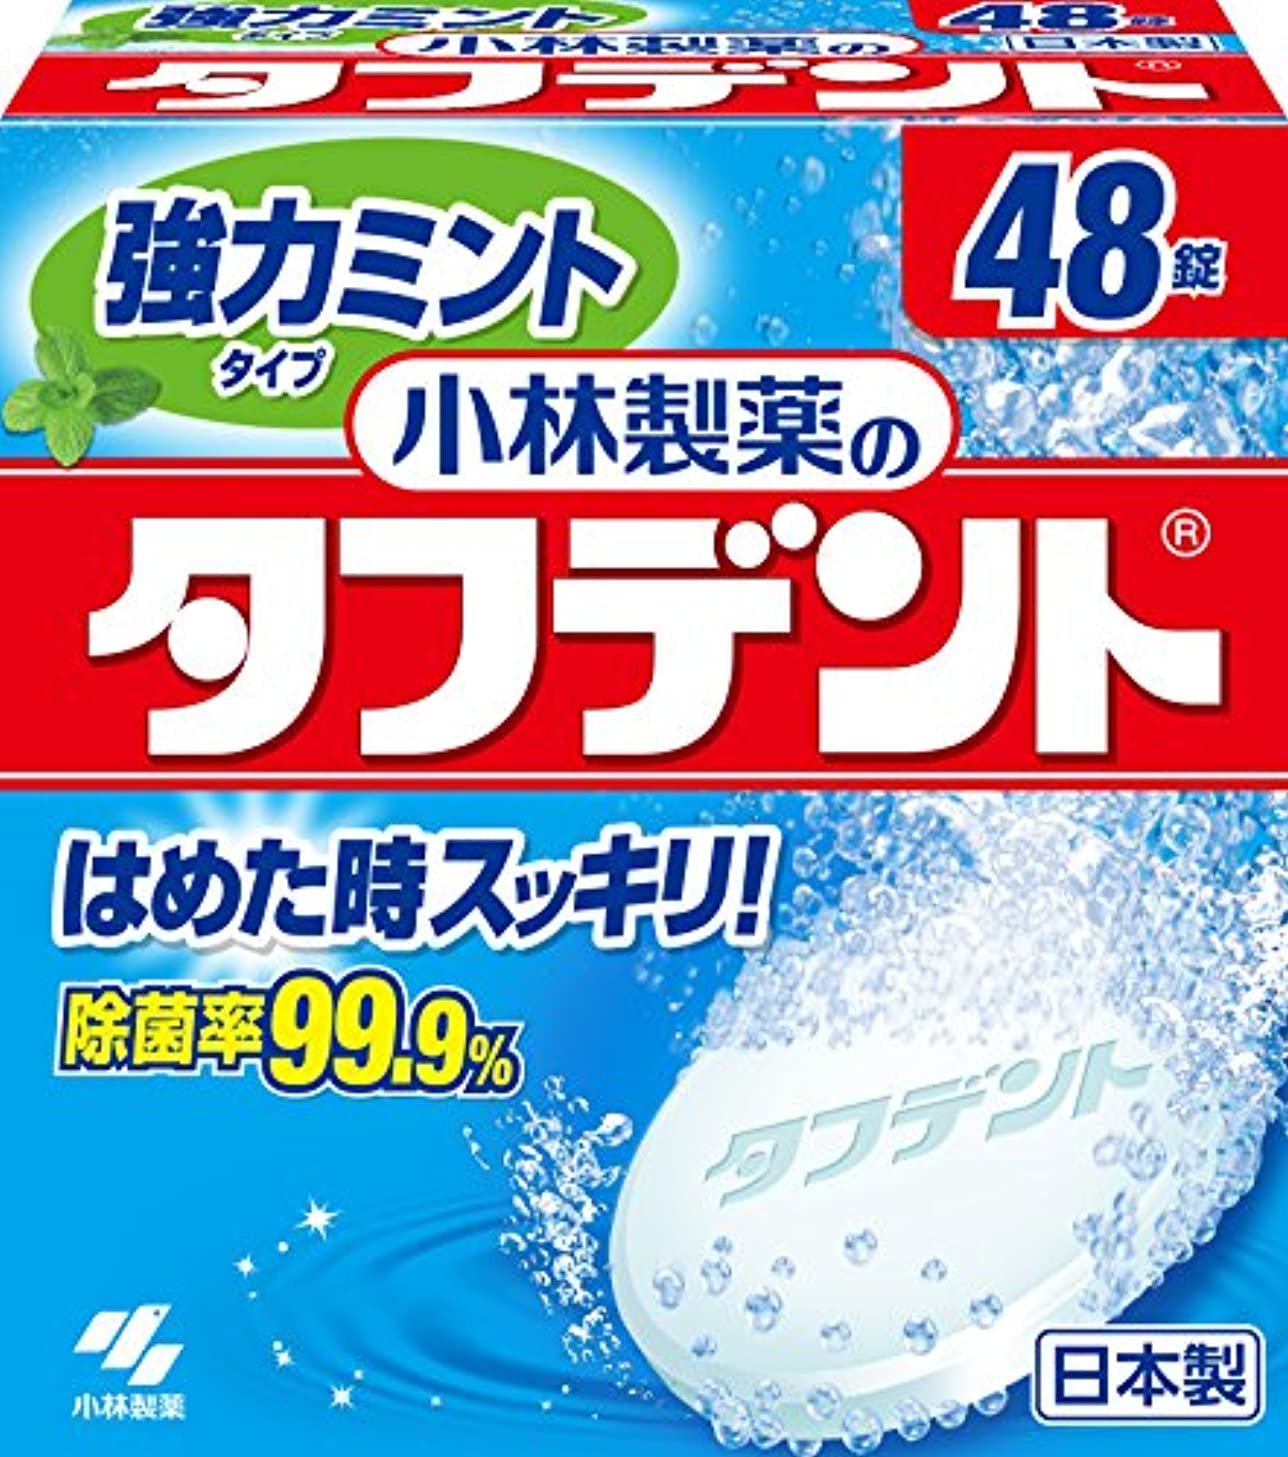 本物弾性アレンジ小林製薬のタフデント強力ミントタイプ 入れ歯用洗浄剤 ミントの香り 48錠